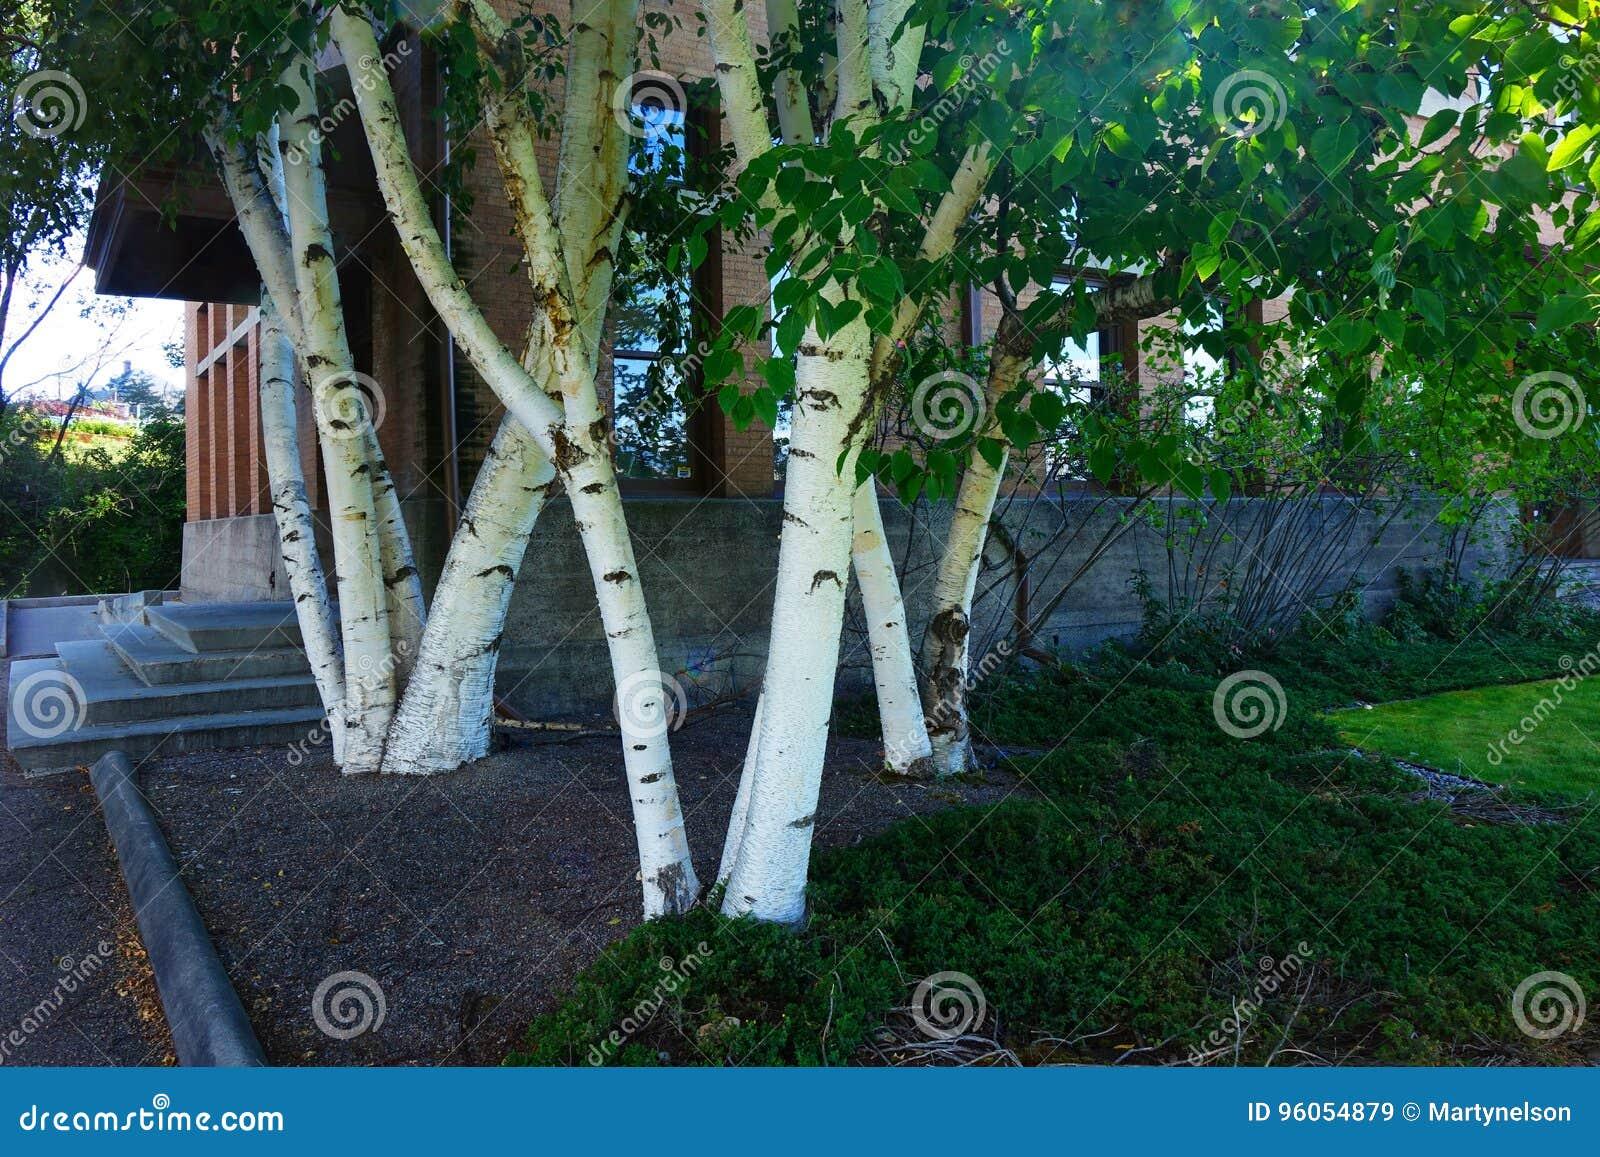 Blanc-écorce Aspen Trees